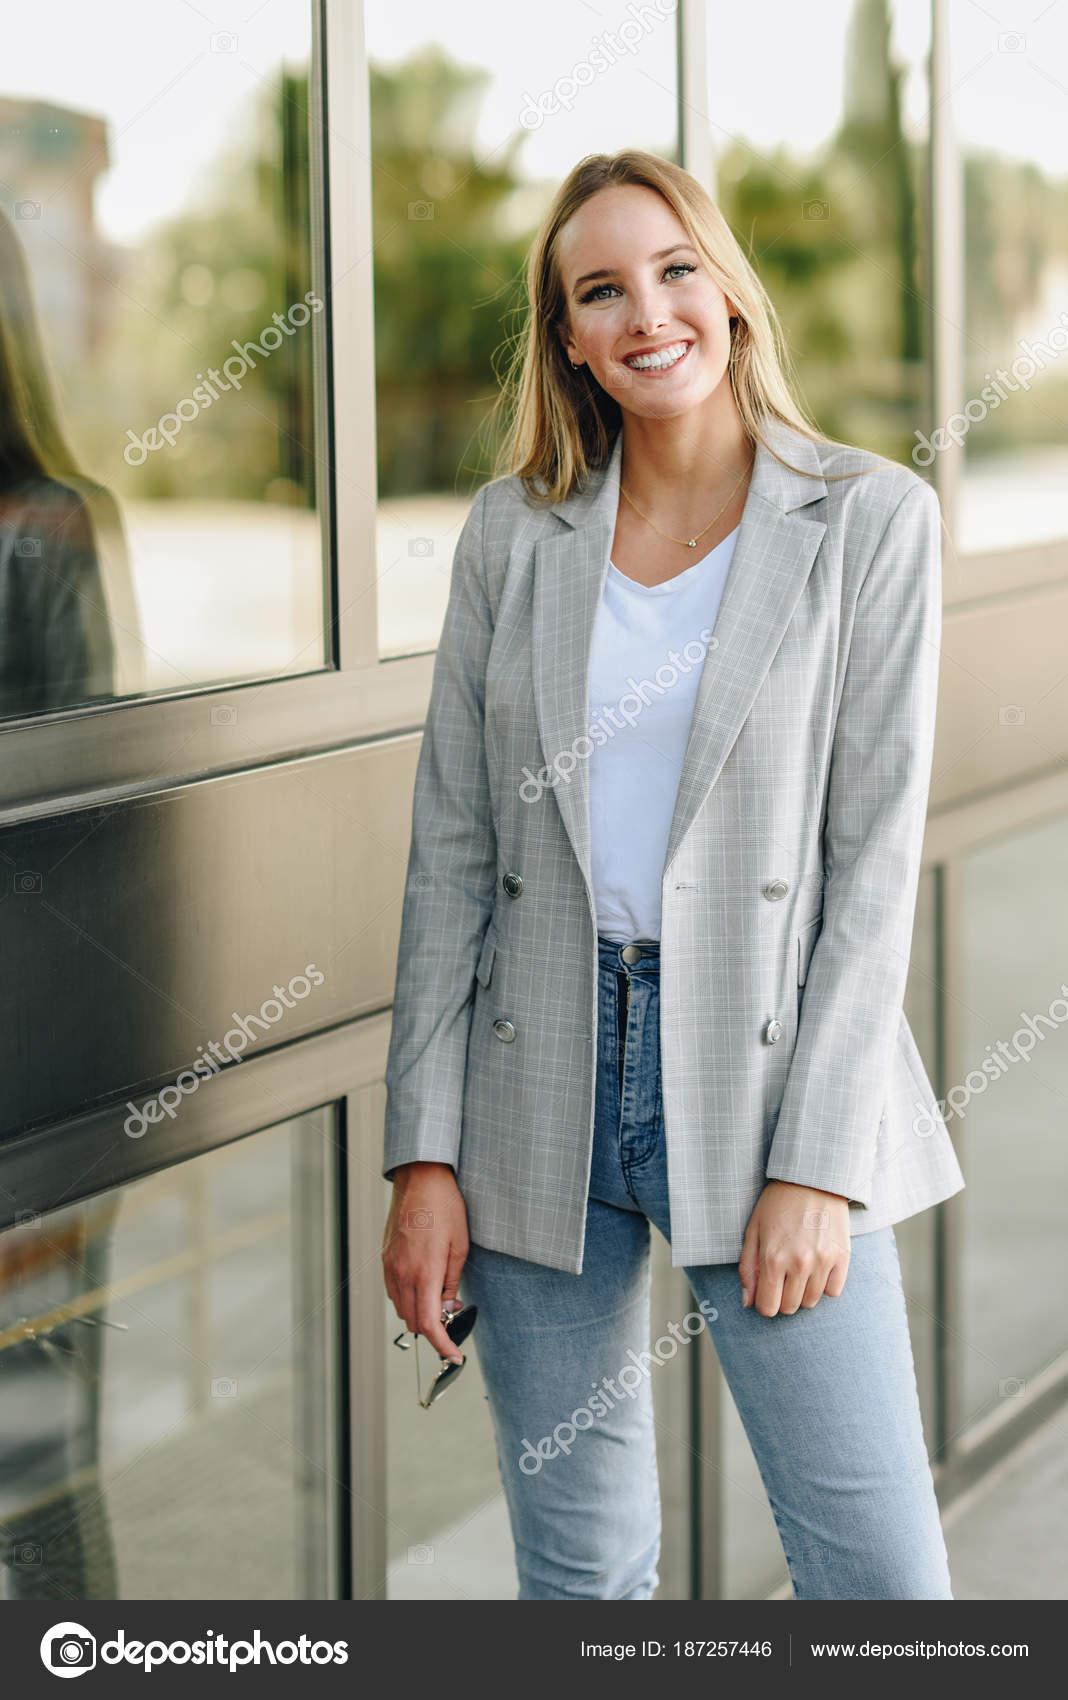 1e8d106dd Hermosa mujer caucásica joven sonriendo en el fondo urbano. Chica rubia con ropa  casual en la calle. Mujer con chaqueta elegante y jeans azul — Foto de ...